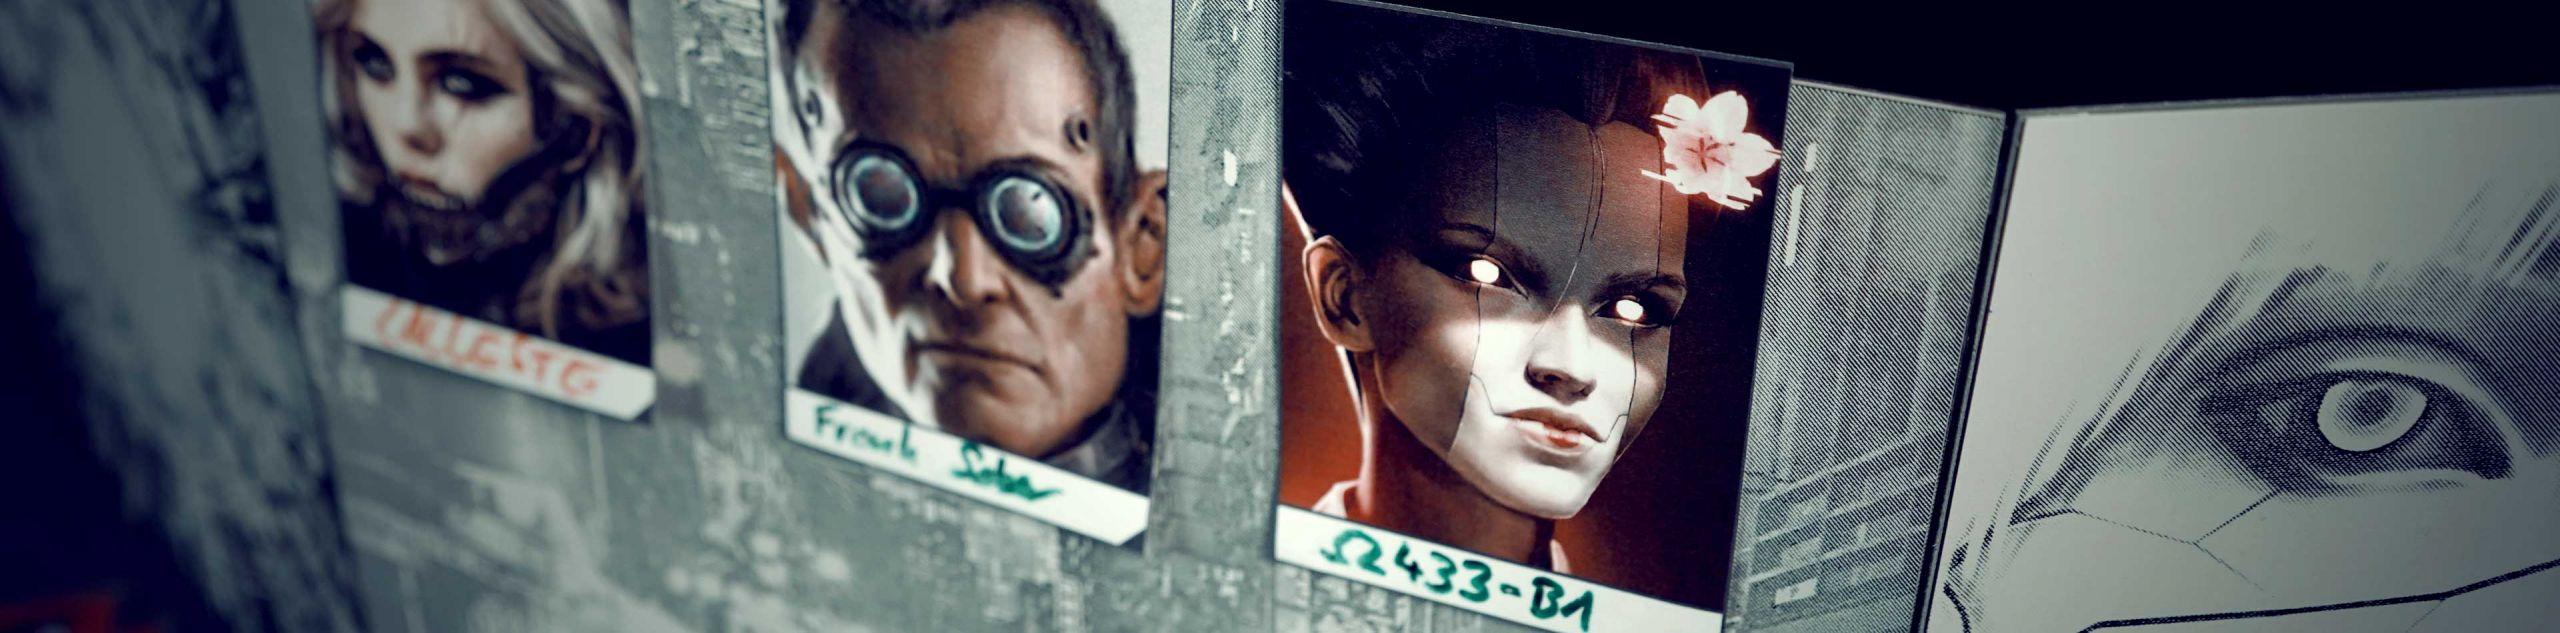 nsc portraits für cyberpunk rollenspiel